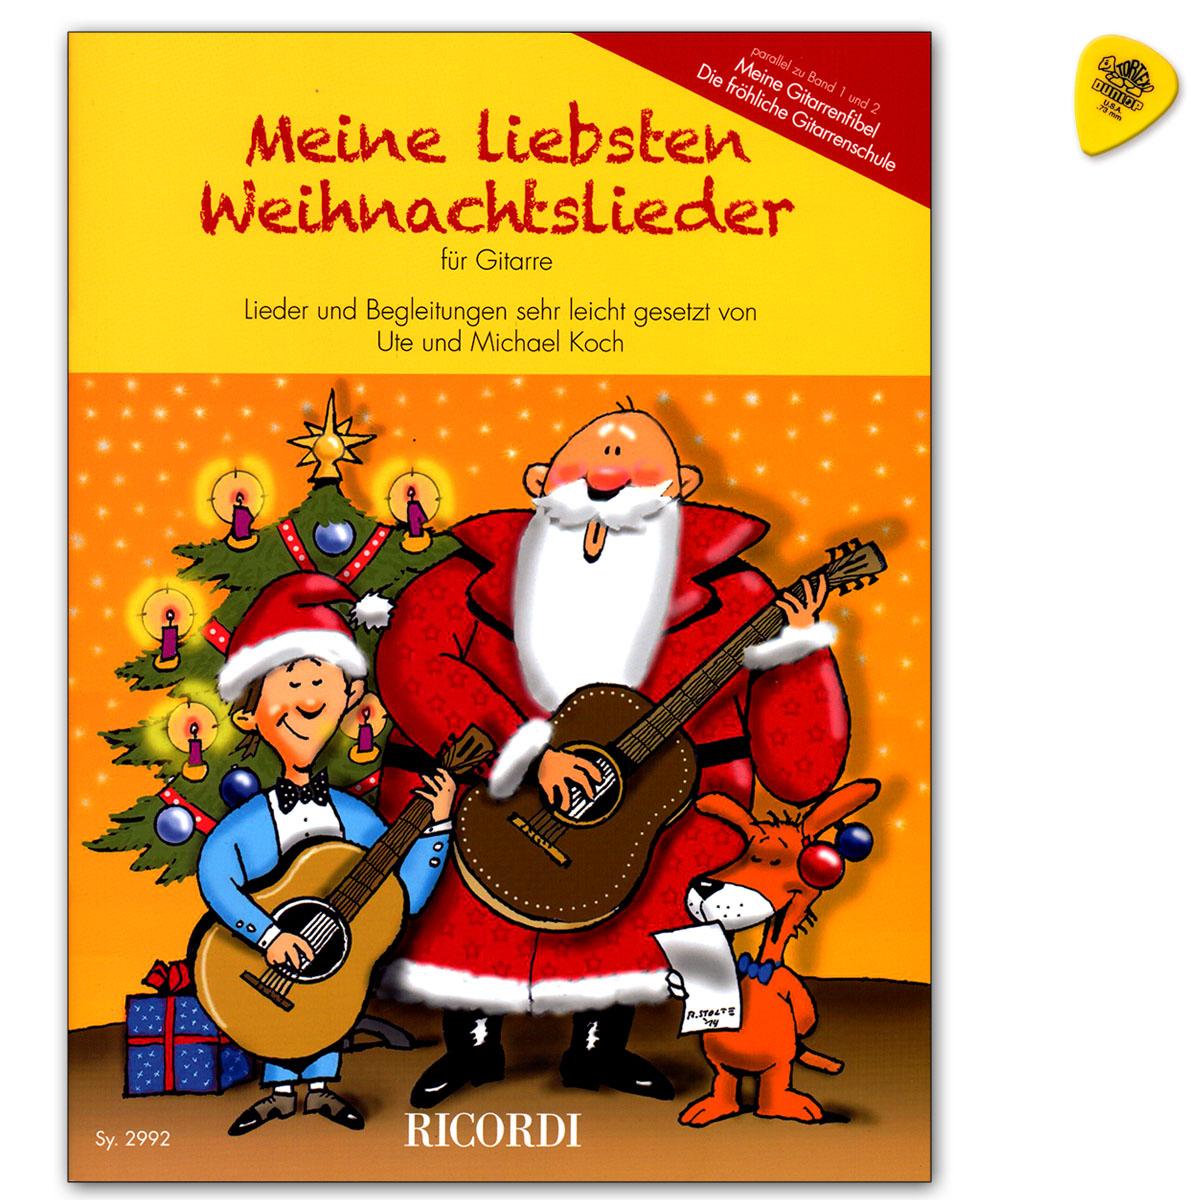 Meine Liebsten Weihnachtslieder für Gitarre - Ricordi - SY2992 ...